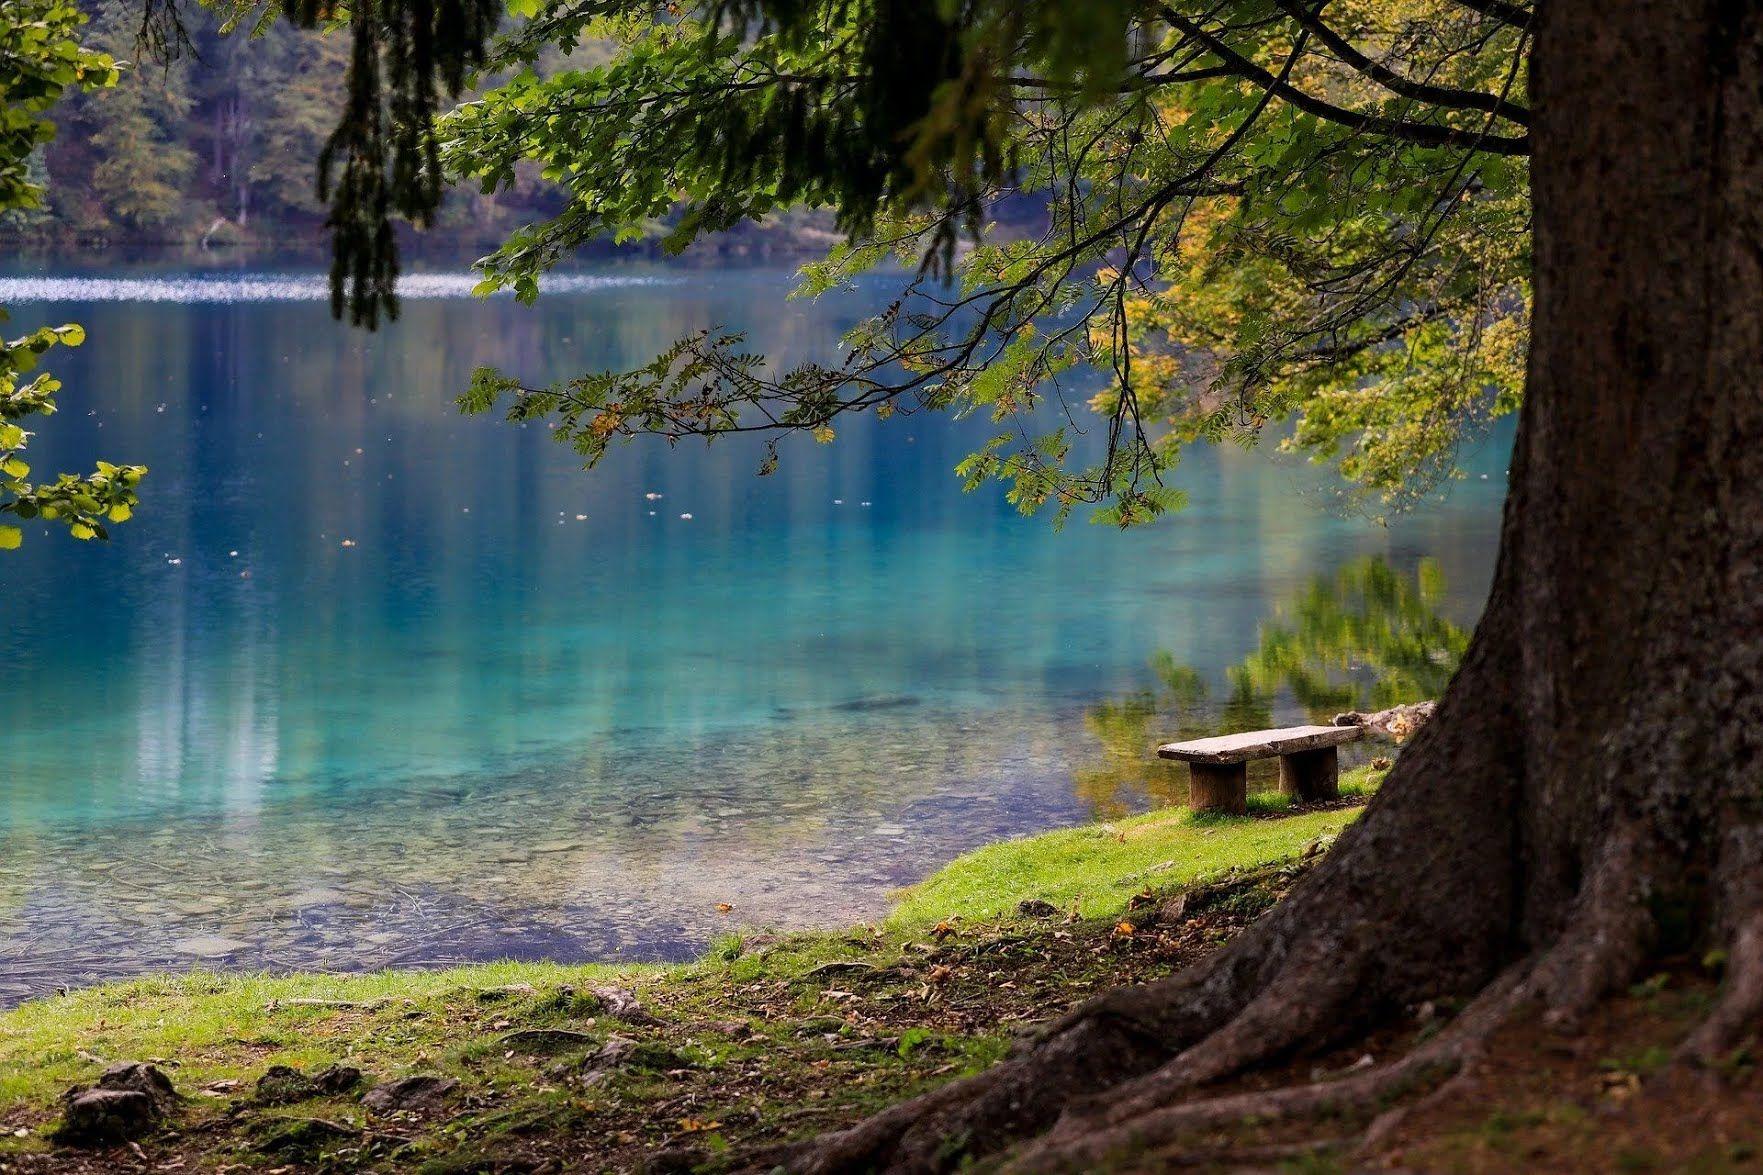 12 июня не стоит ходить в лес и бродить по траве